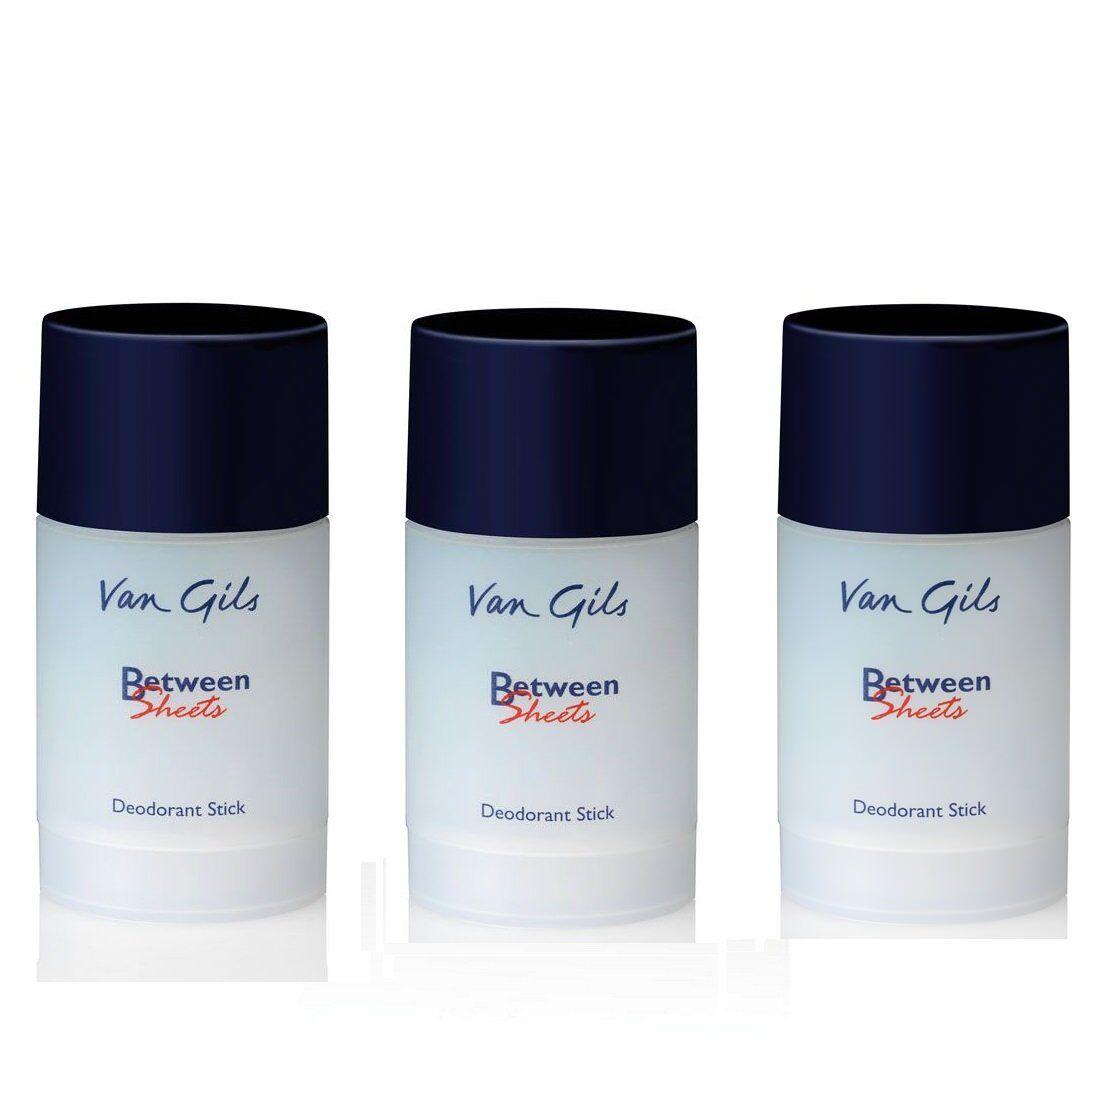 Van Gils 3x Between Sheets Deodorant Sticks